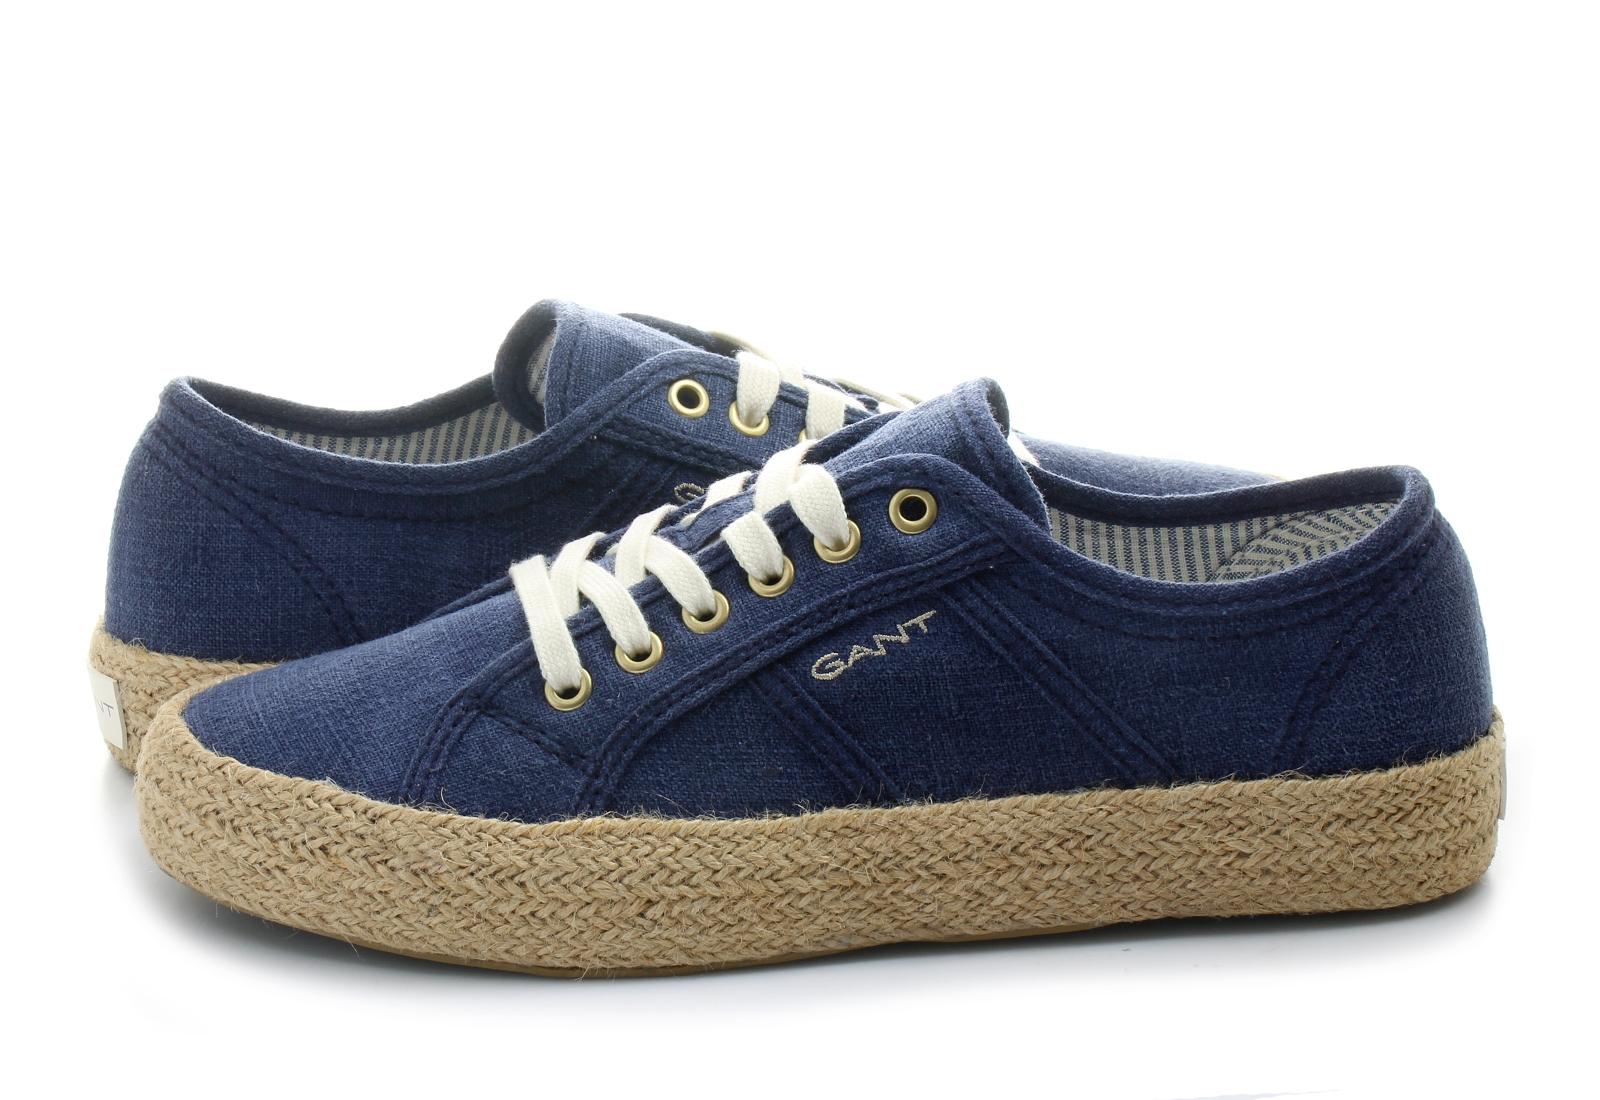 Gant Shoes Zoe Linen 14538643 G69 Online Shop For